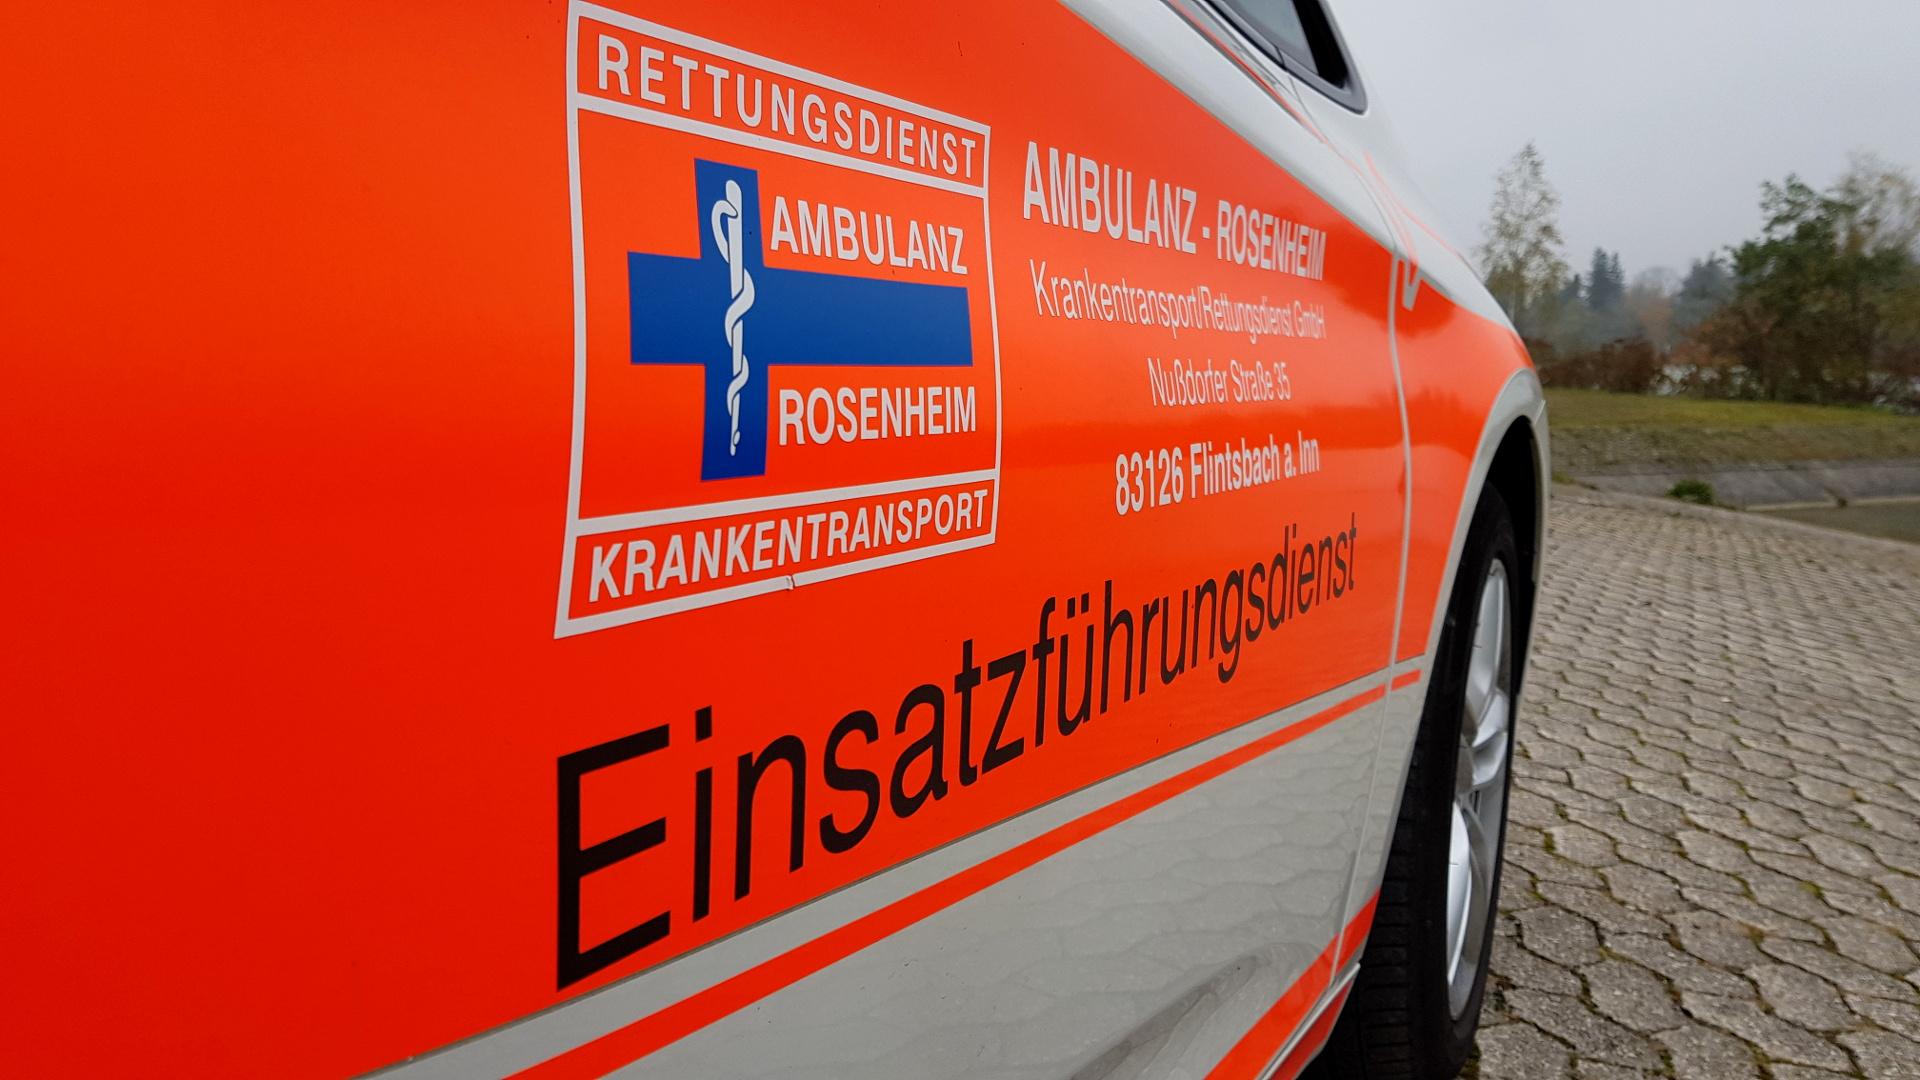 Einsatzführungsdienst Ambulanz Rosenheim